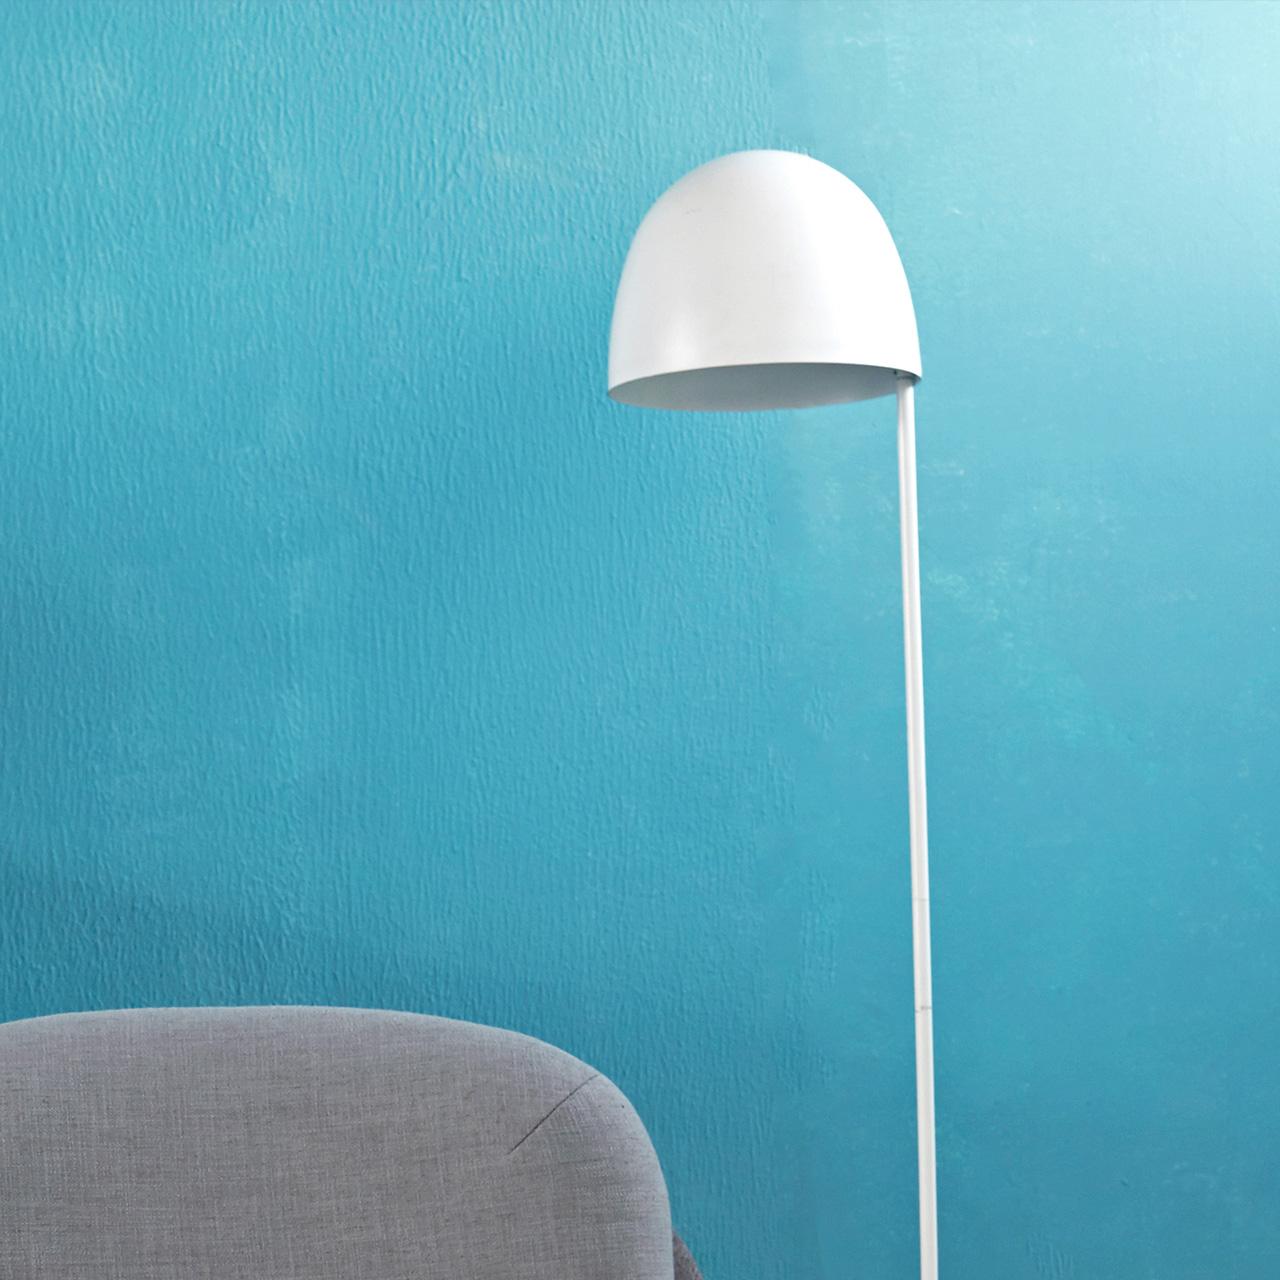 云白色水母地灯,接近1米5的修长身高,轻松拉长了这个角落的线条,适中的光线距离正好给你最柔和阅读氛围。